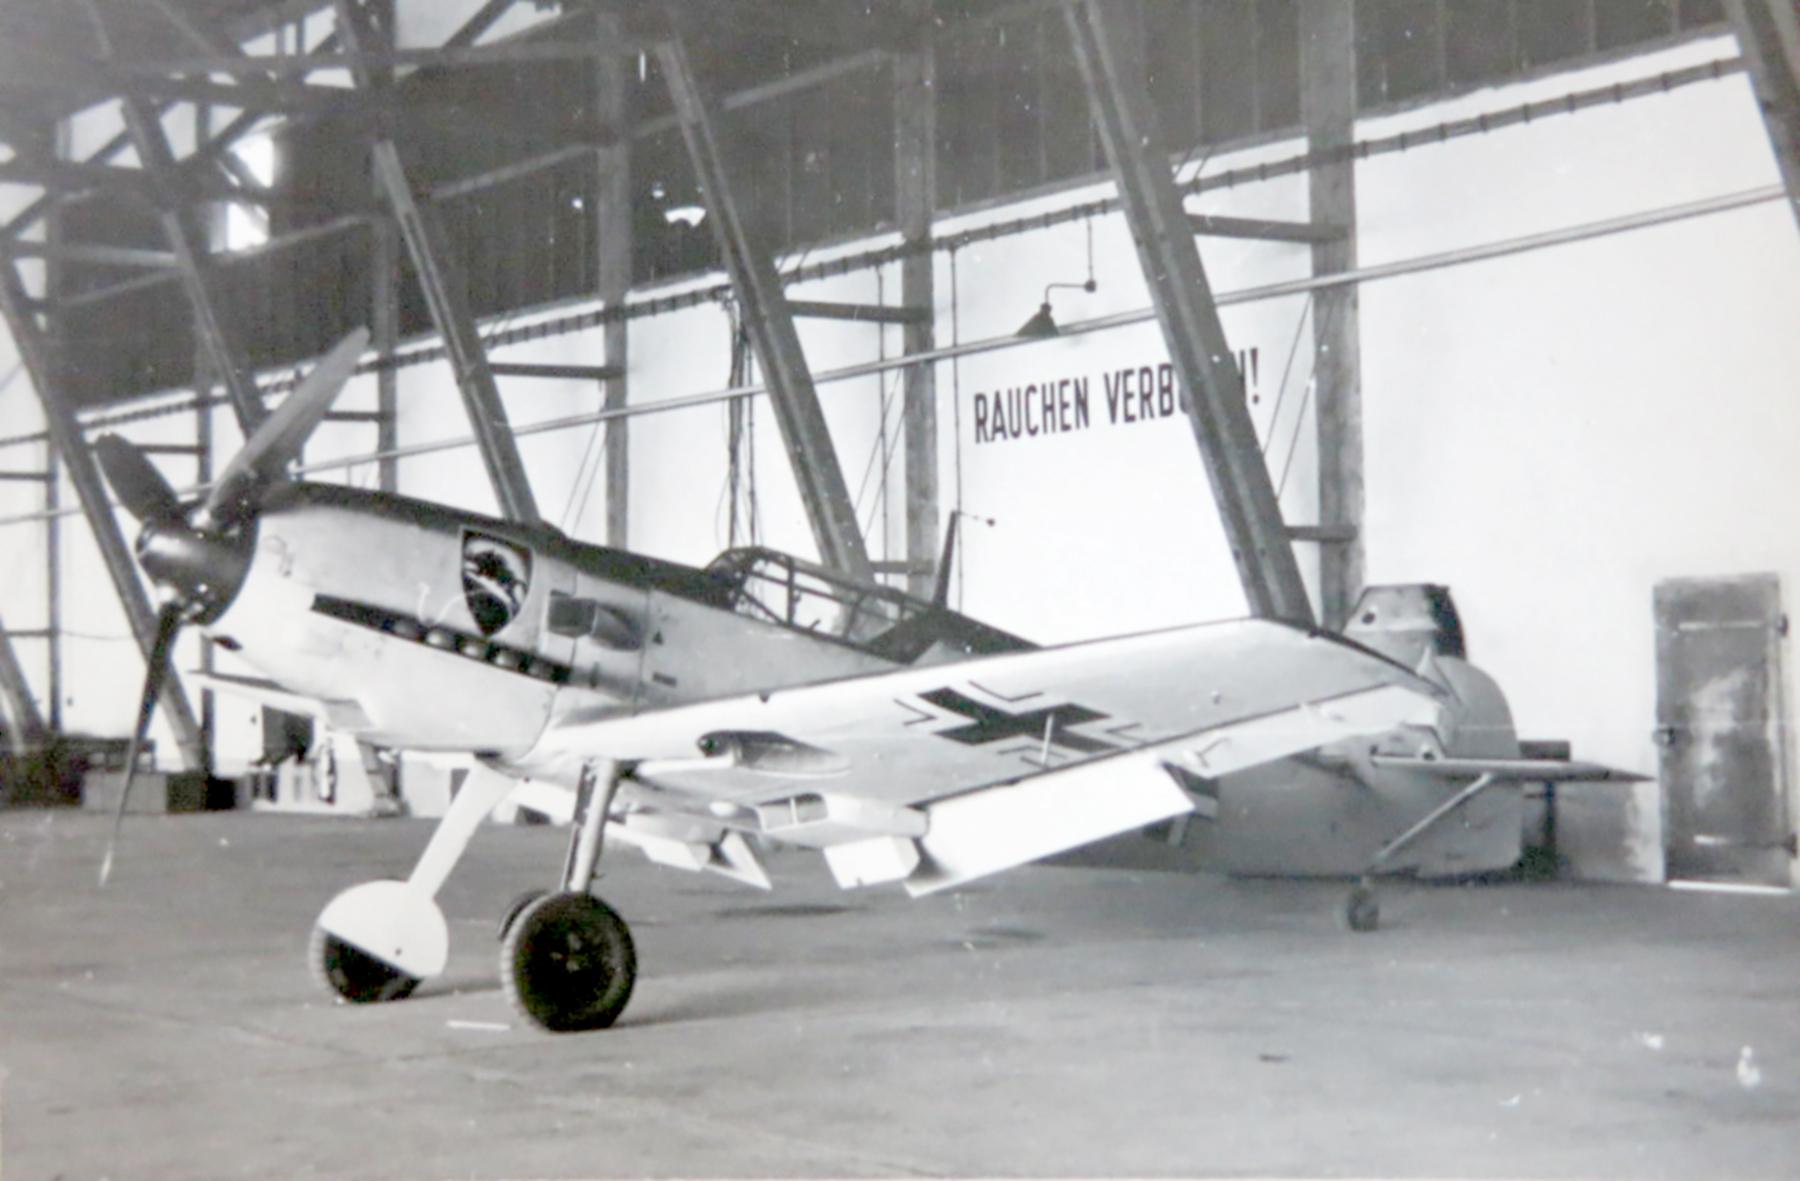 Messerschmitt Bf 109E1 1.JG52 showing emblem on left side ebay 02